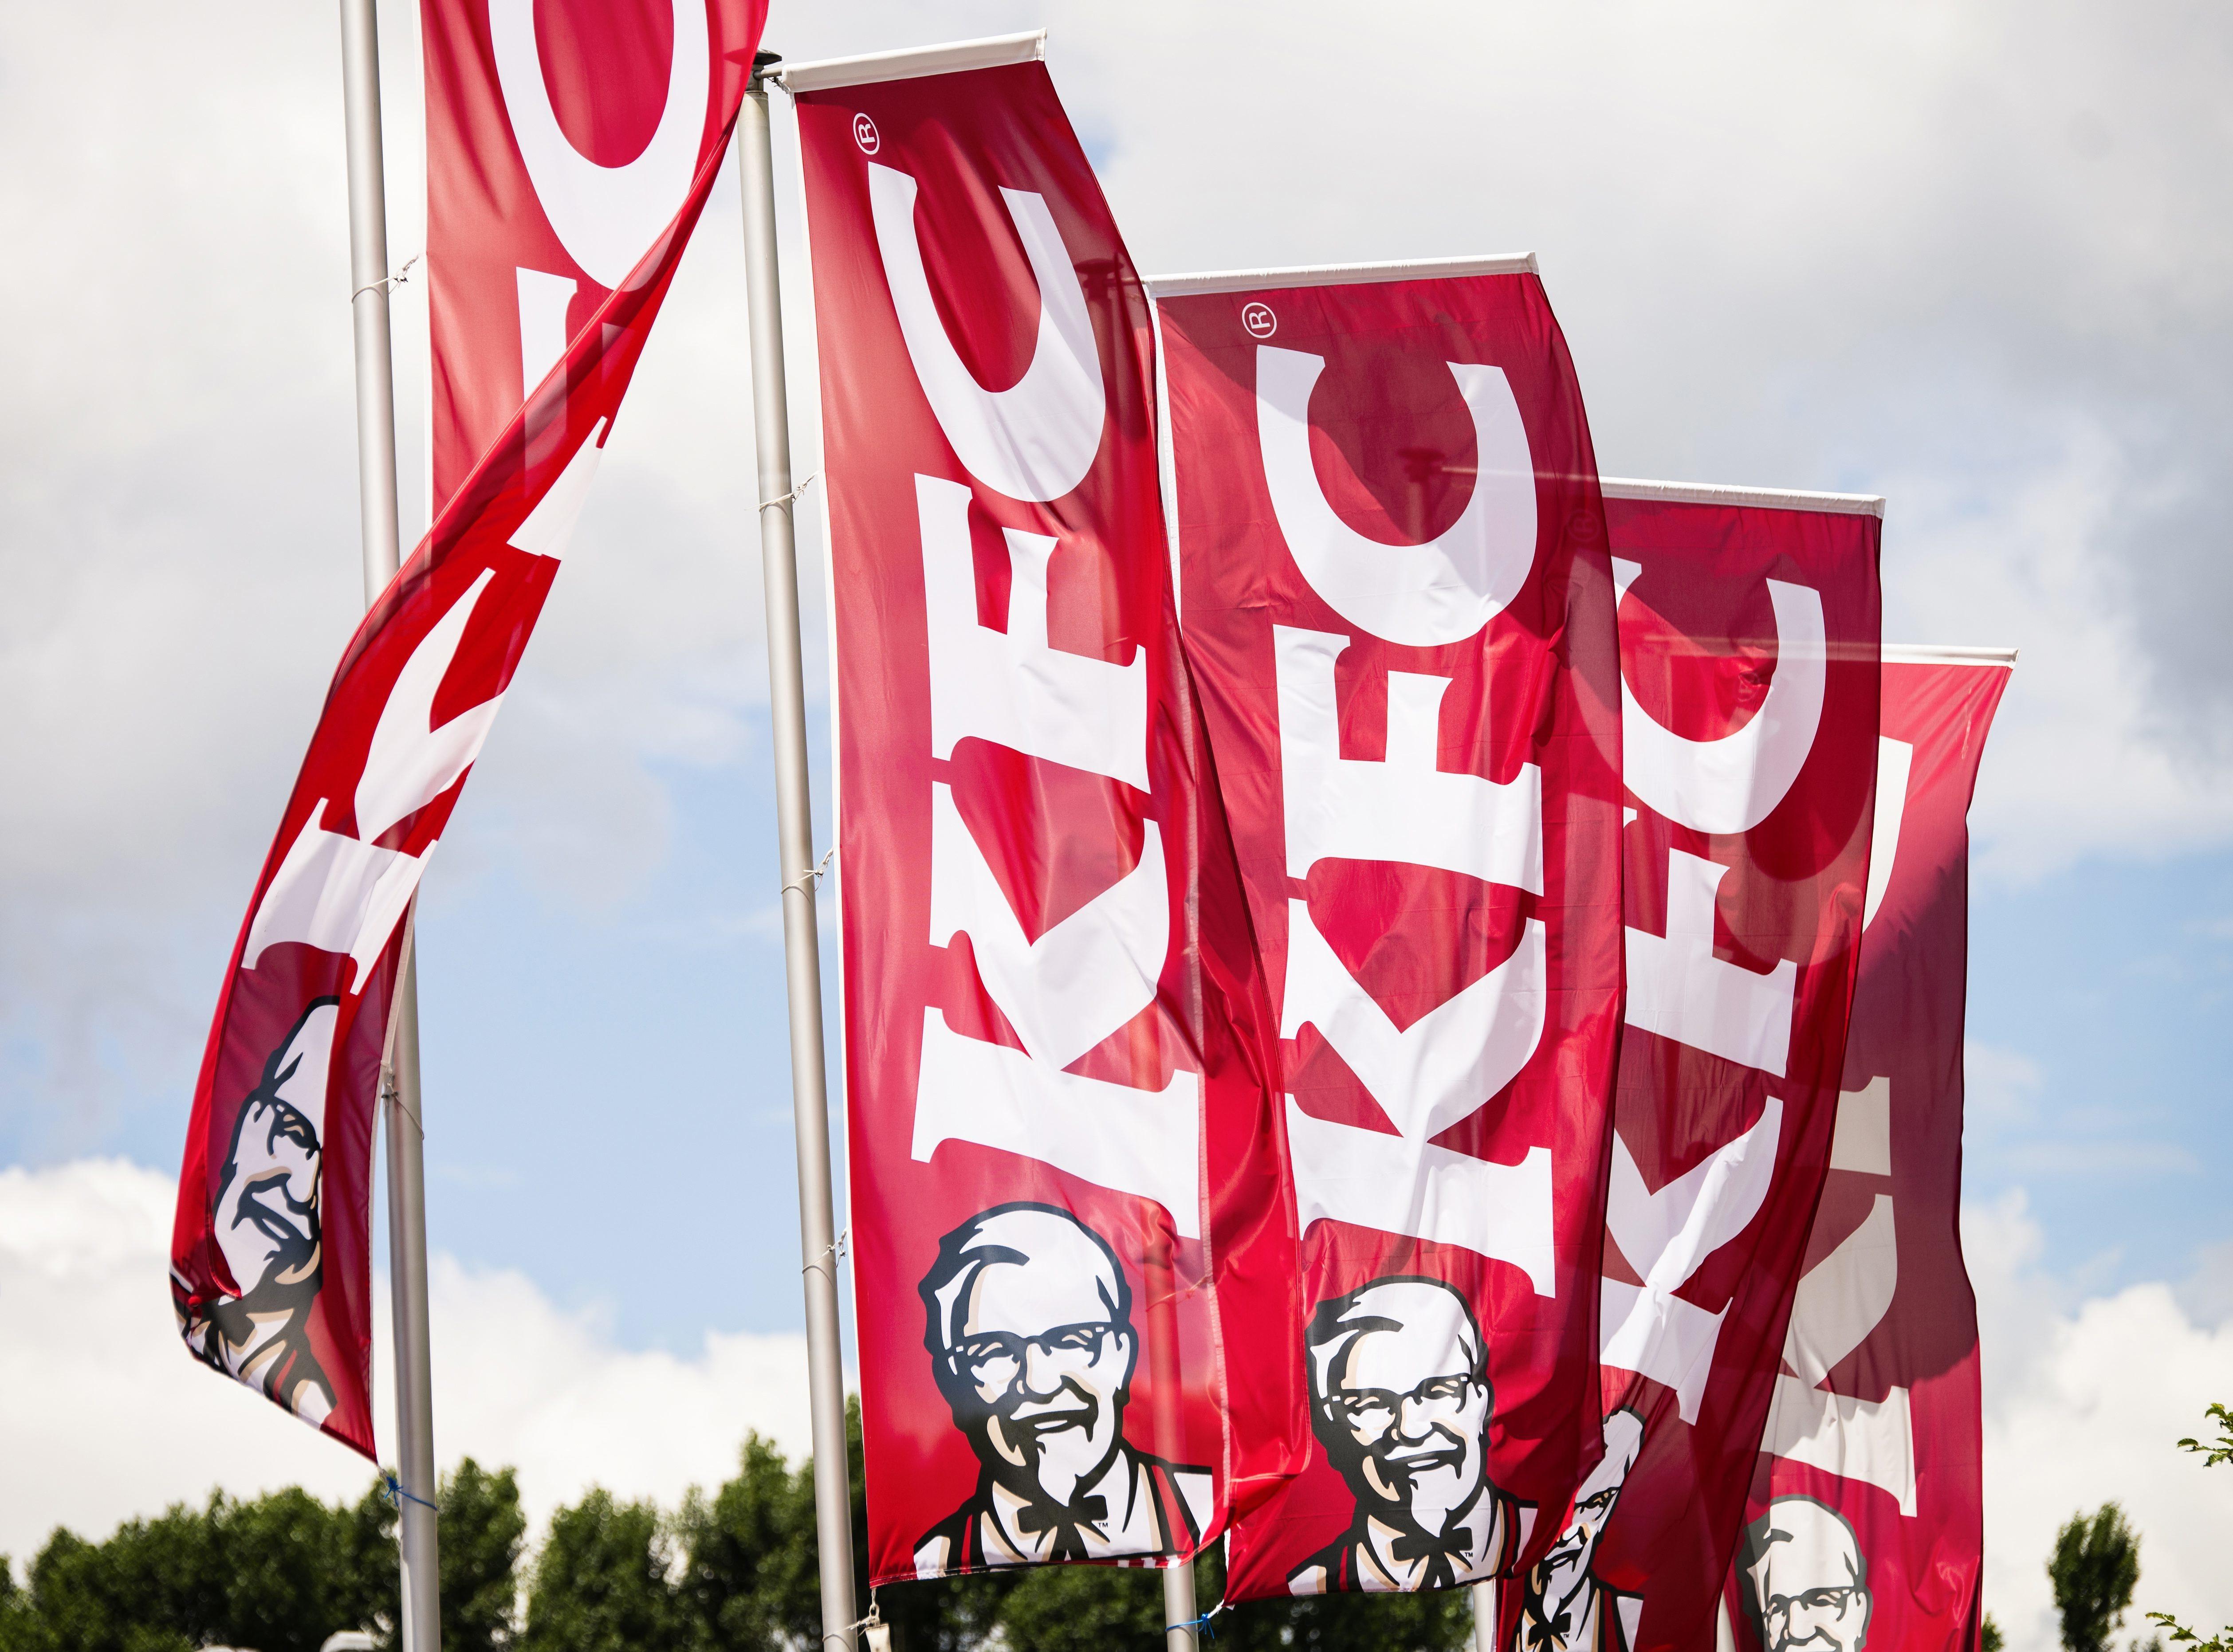 Bezárt a KFC Zimbabwéban, mert nem volt pénzük csirkehúst venni